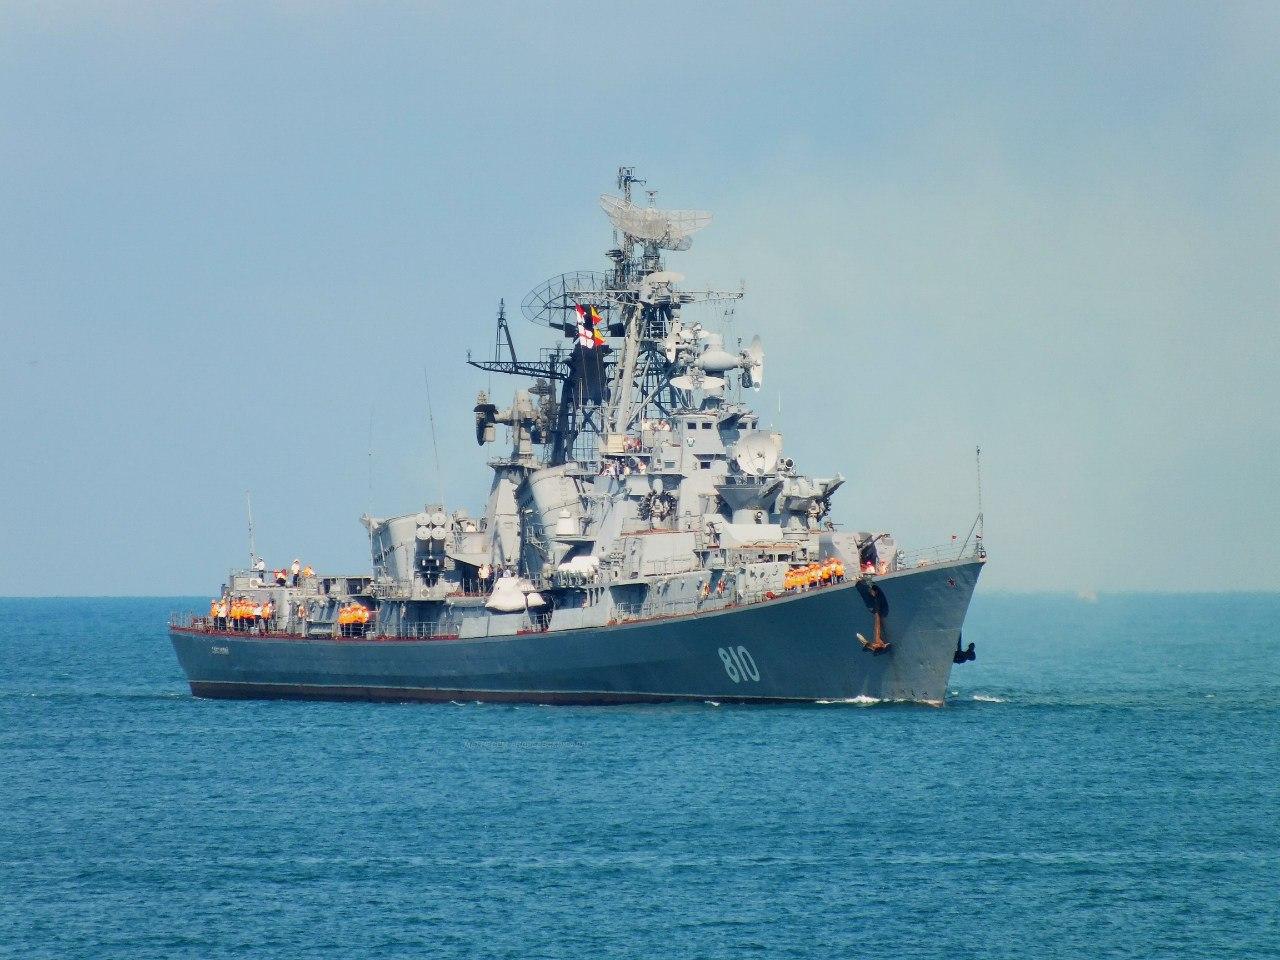 ロシア黒海艦隊艦船グループは地中海へ行く   N.G.クズネツォフ記念・ウリヤノフスク赤旗・親衛ロシア海軍情報管理局